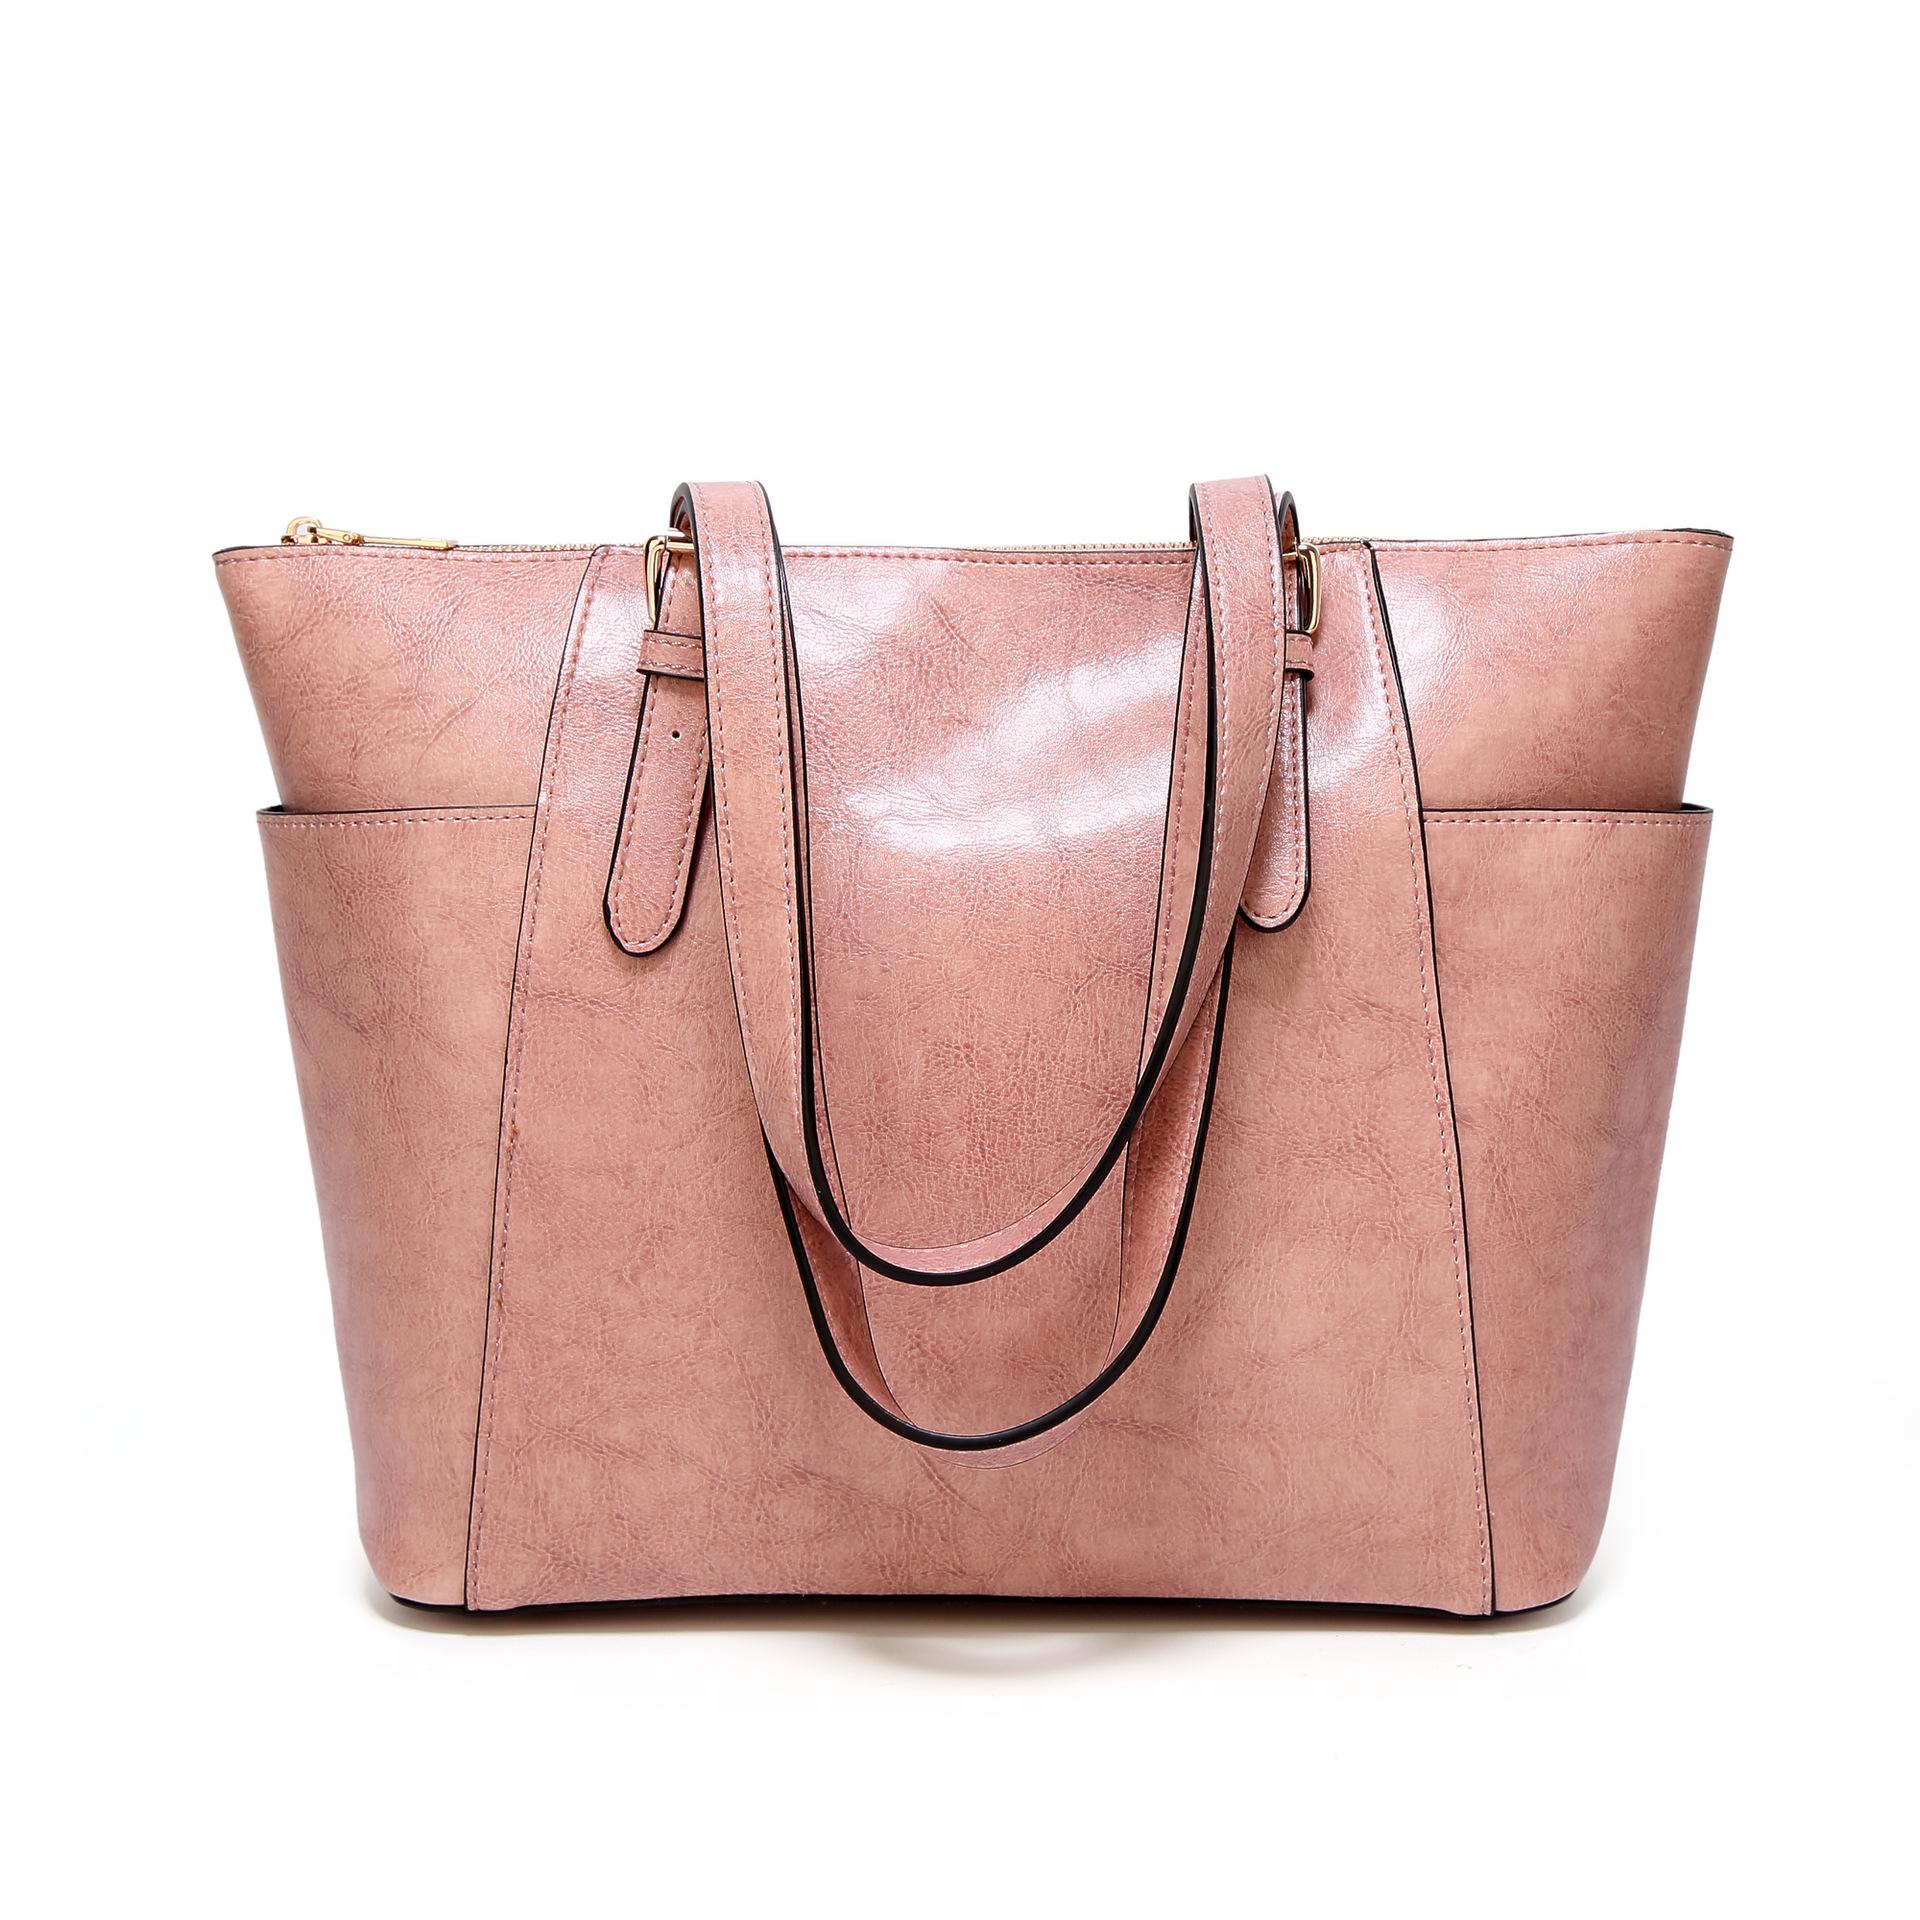 Винтажные модные роскошные женские сумки из натуральной крокодиловой кожи, дизайнерские женские сумки через плечо, женские сумки 2020 N412(Китай)